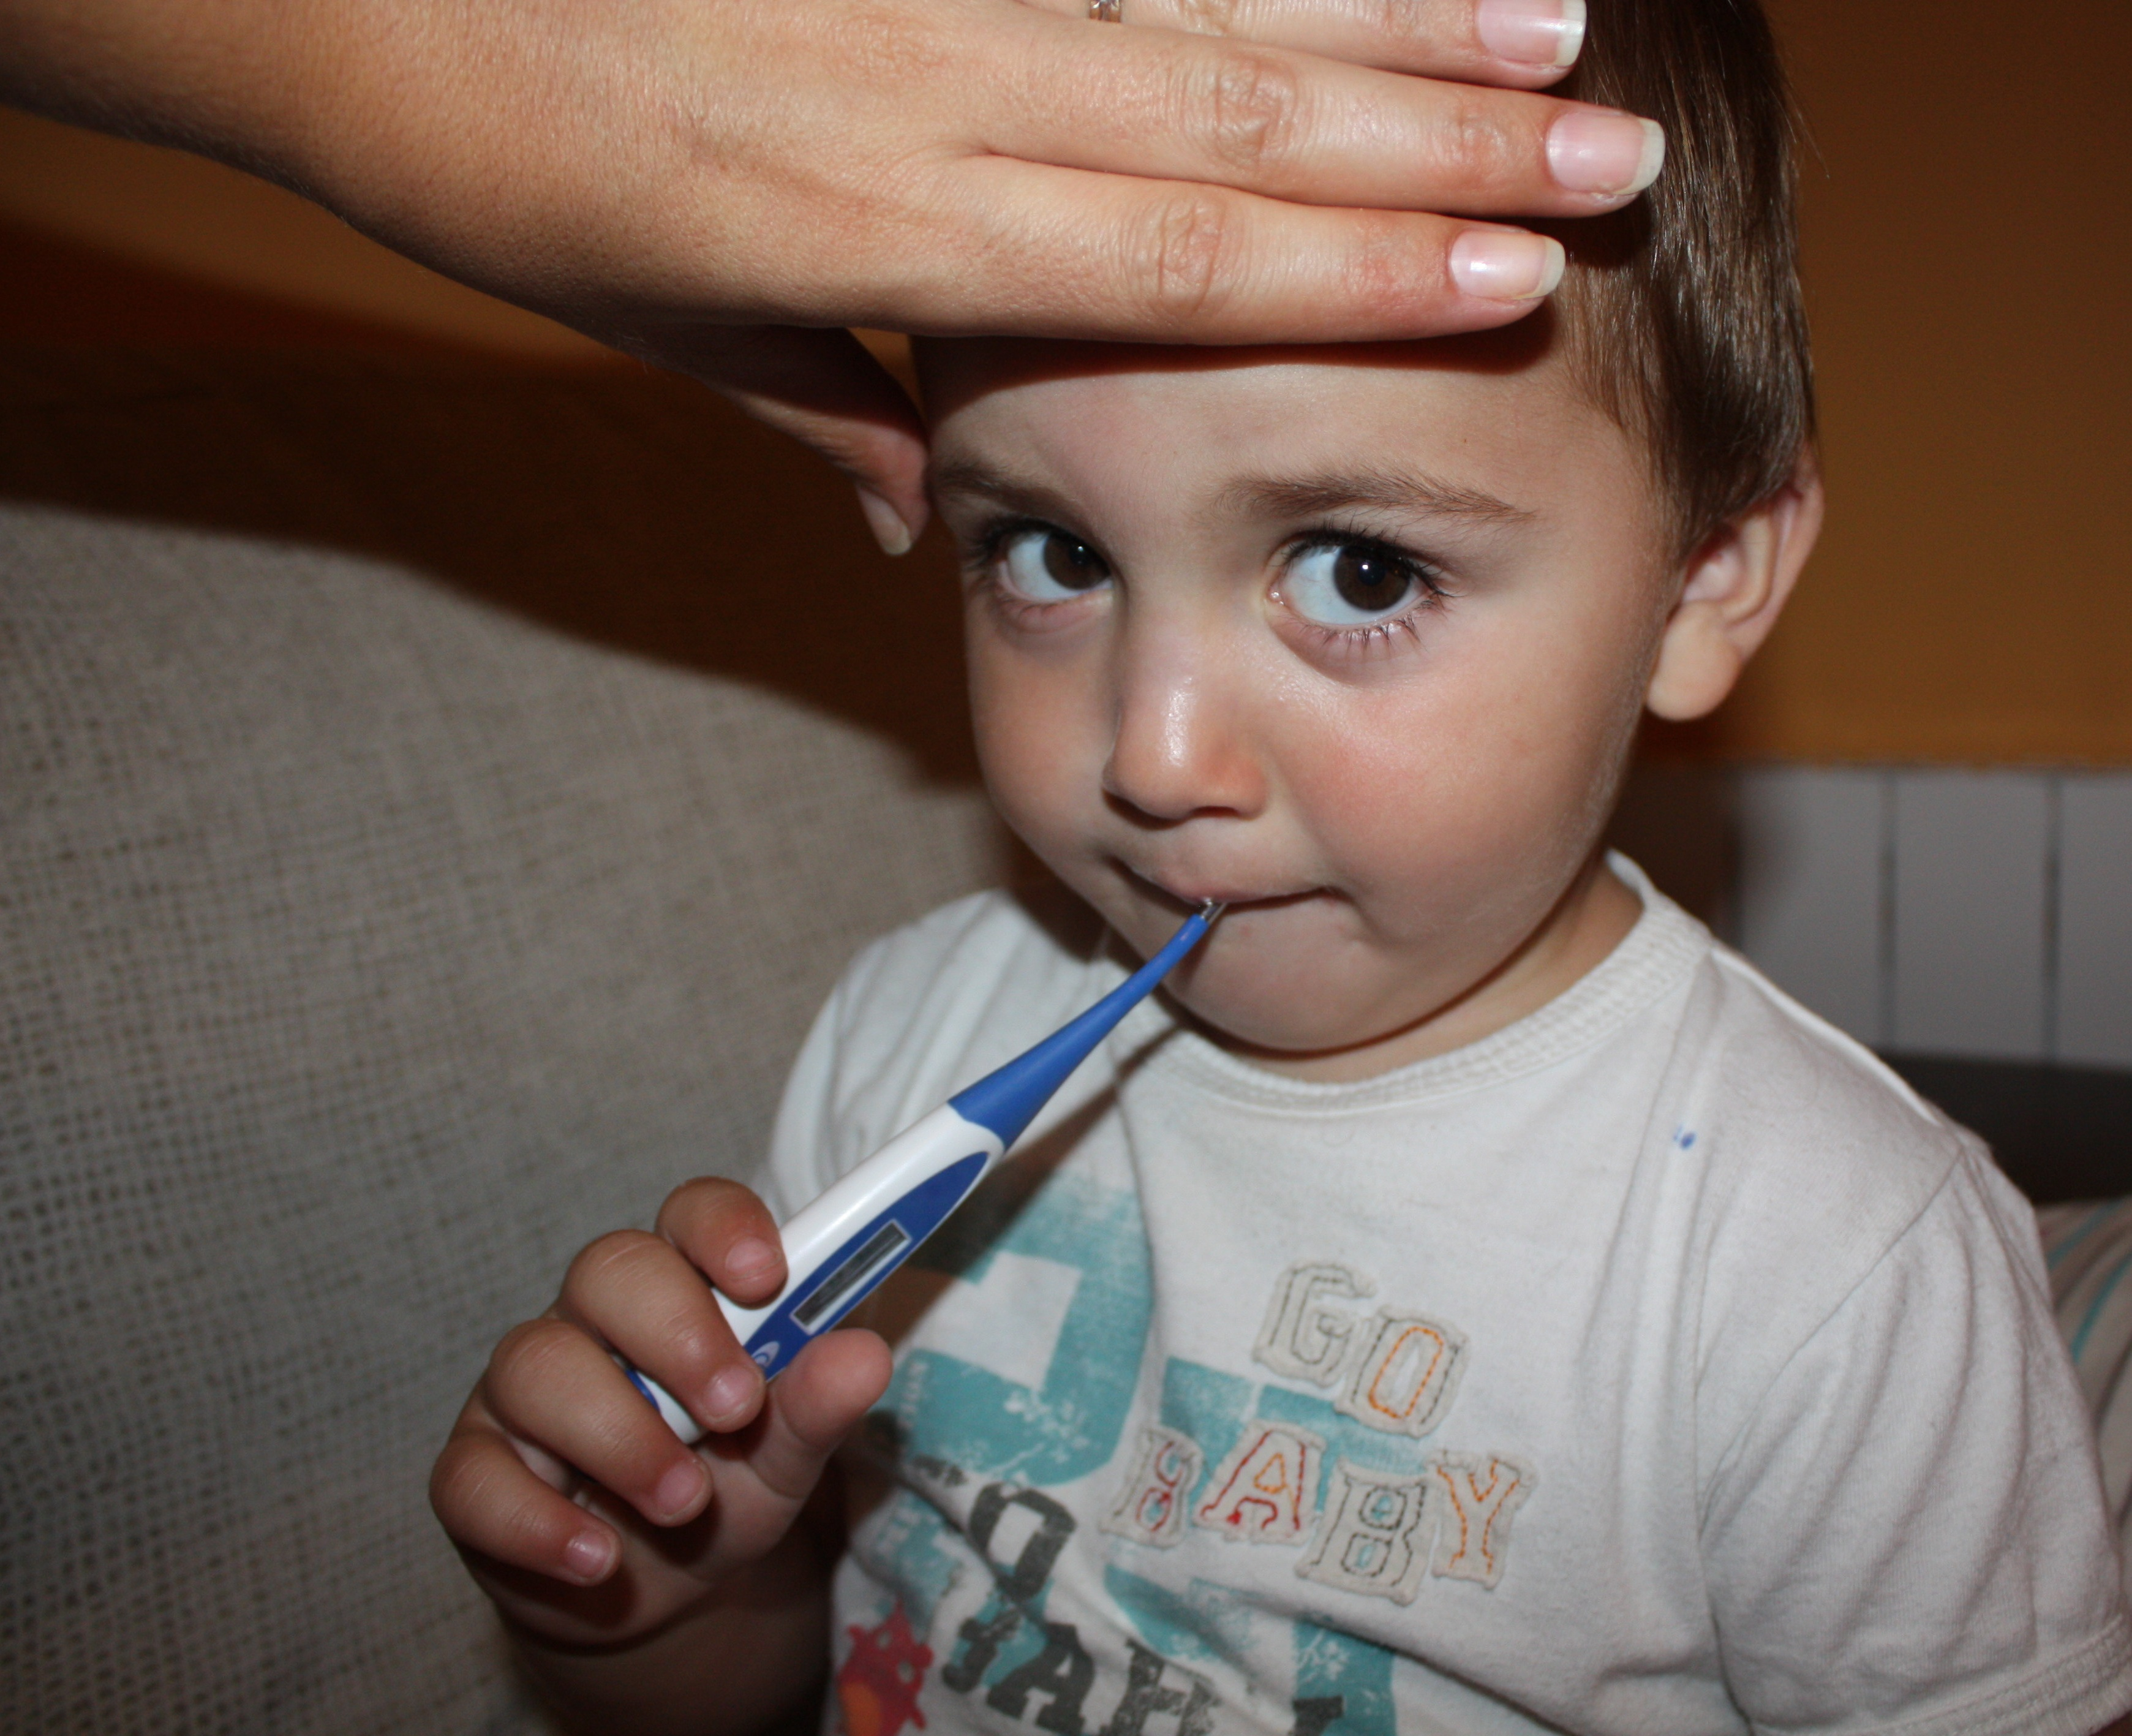 Baño En Ninos Con Fiebre:Fiebre en Niños – Consejos